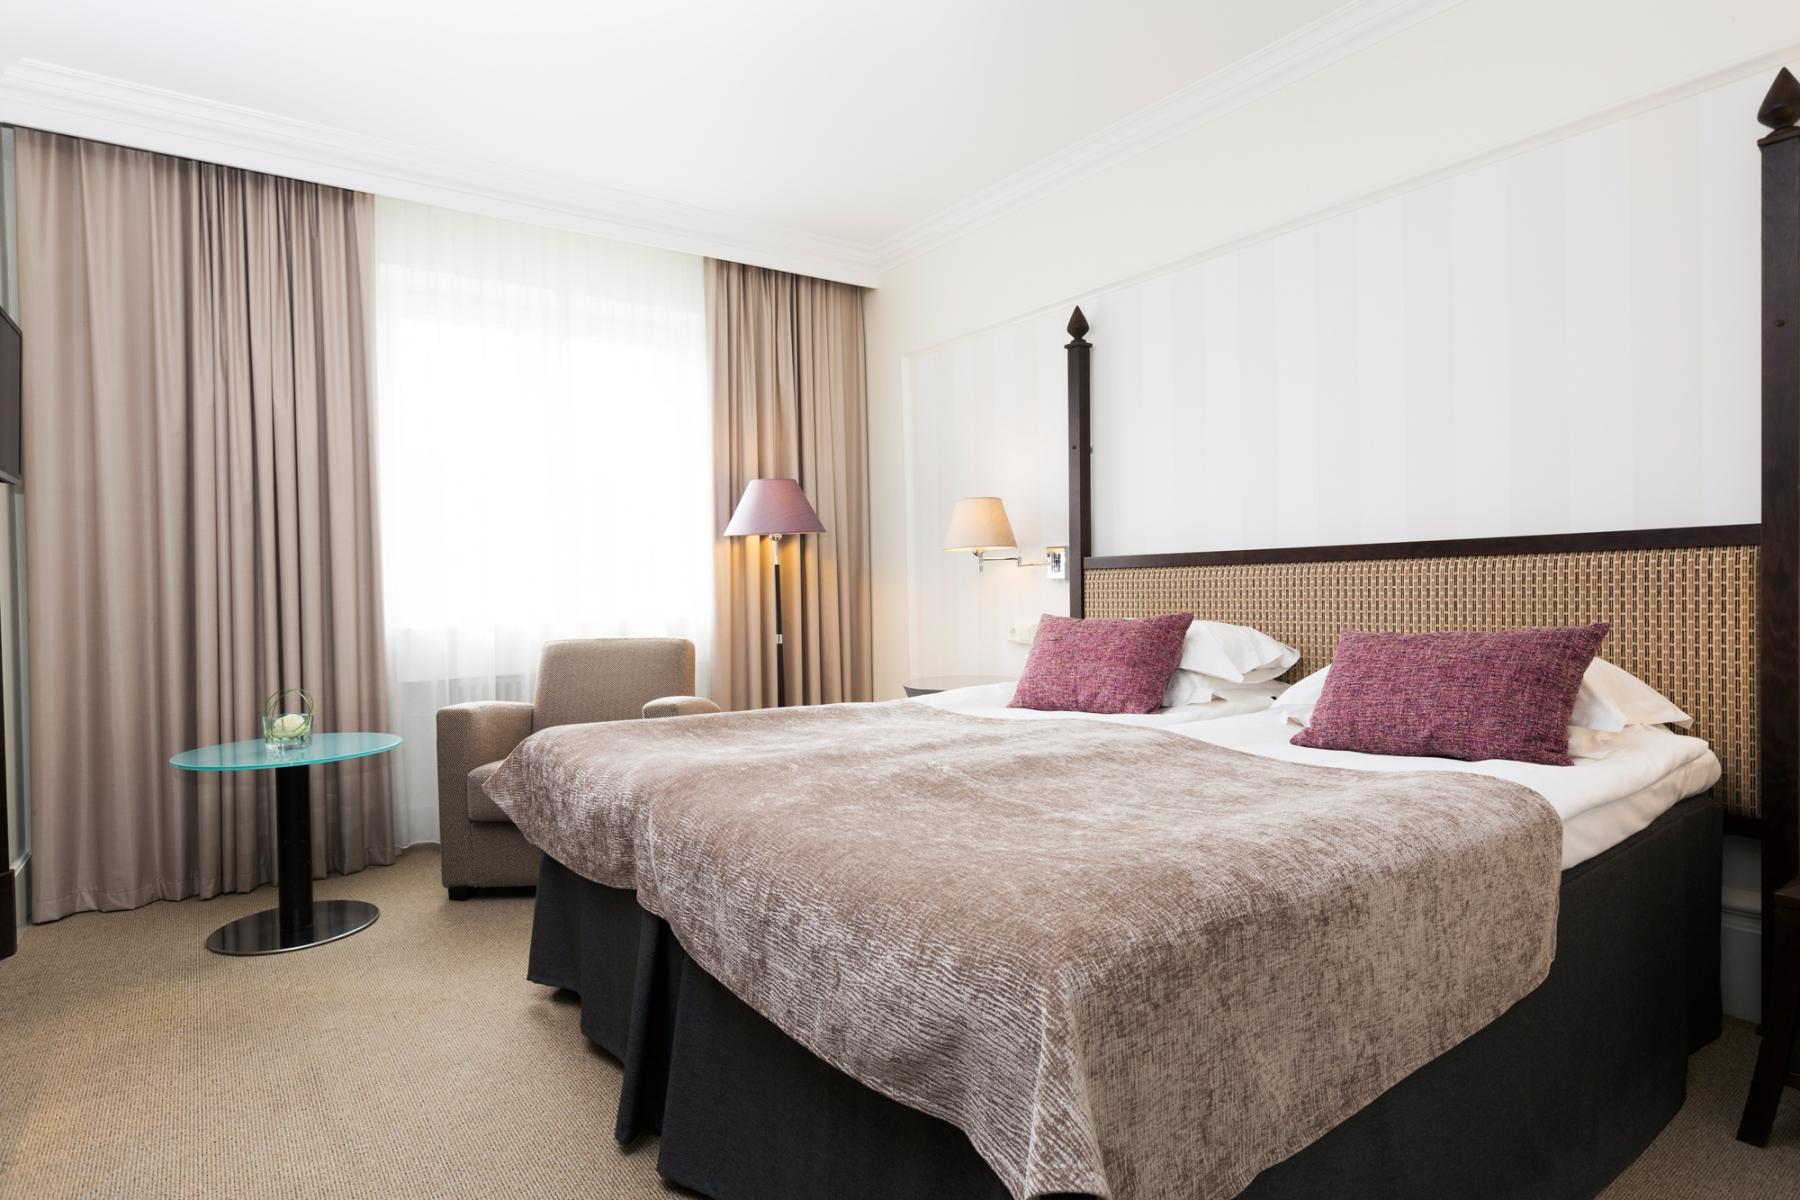 billiga hotell erbjudanden